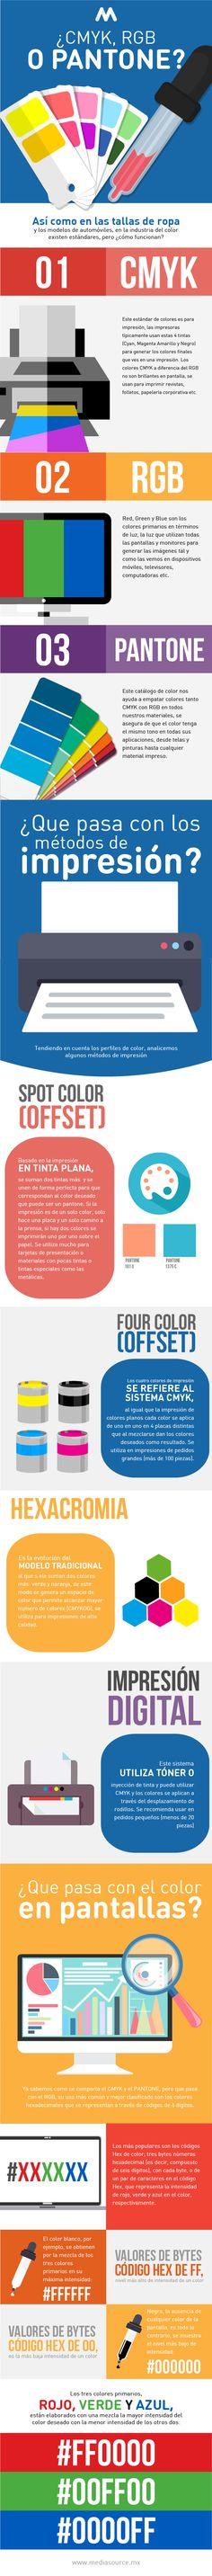 Colores ¿CMYK, RGB o Pantone? #infografía #infographic #diseño #design